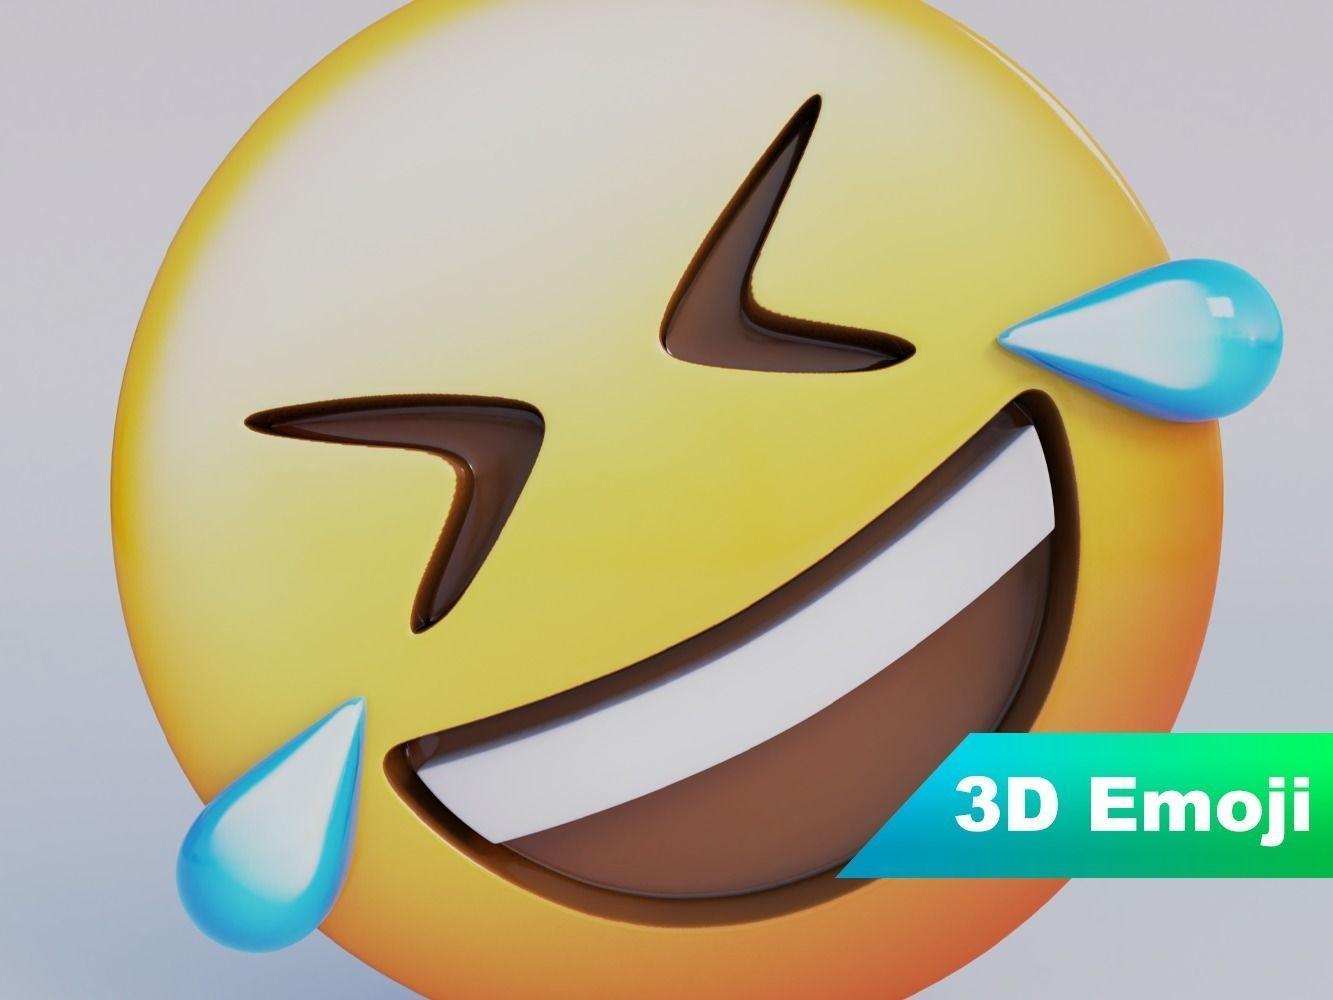 FLoor Laughing 3D Emoji low-poly